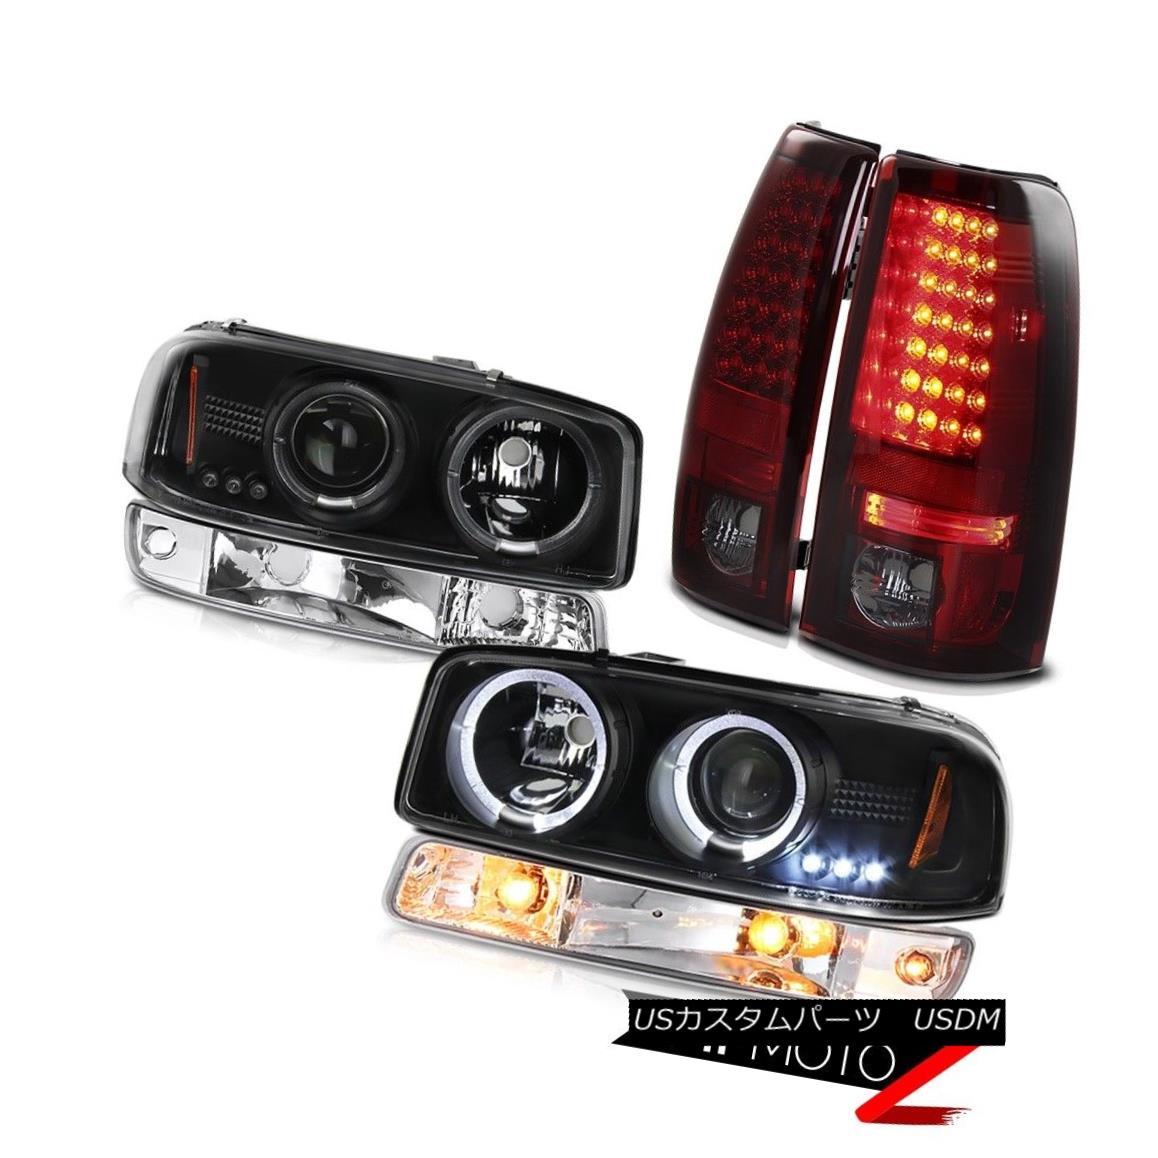 ヘッドライト 99-02 Sierra 3500HD Rear led brake lights signal lamp matte black headlamps LED 99-02 Sierra 3500HDリアライト付きブレーキライト信号ランプマットブラックヘッドランプLED